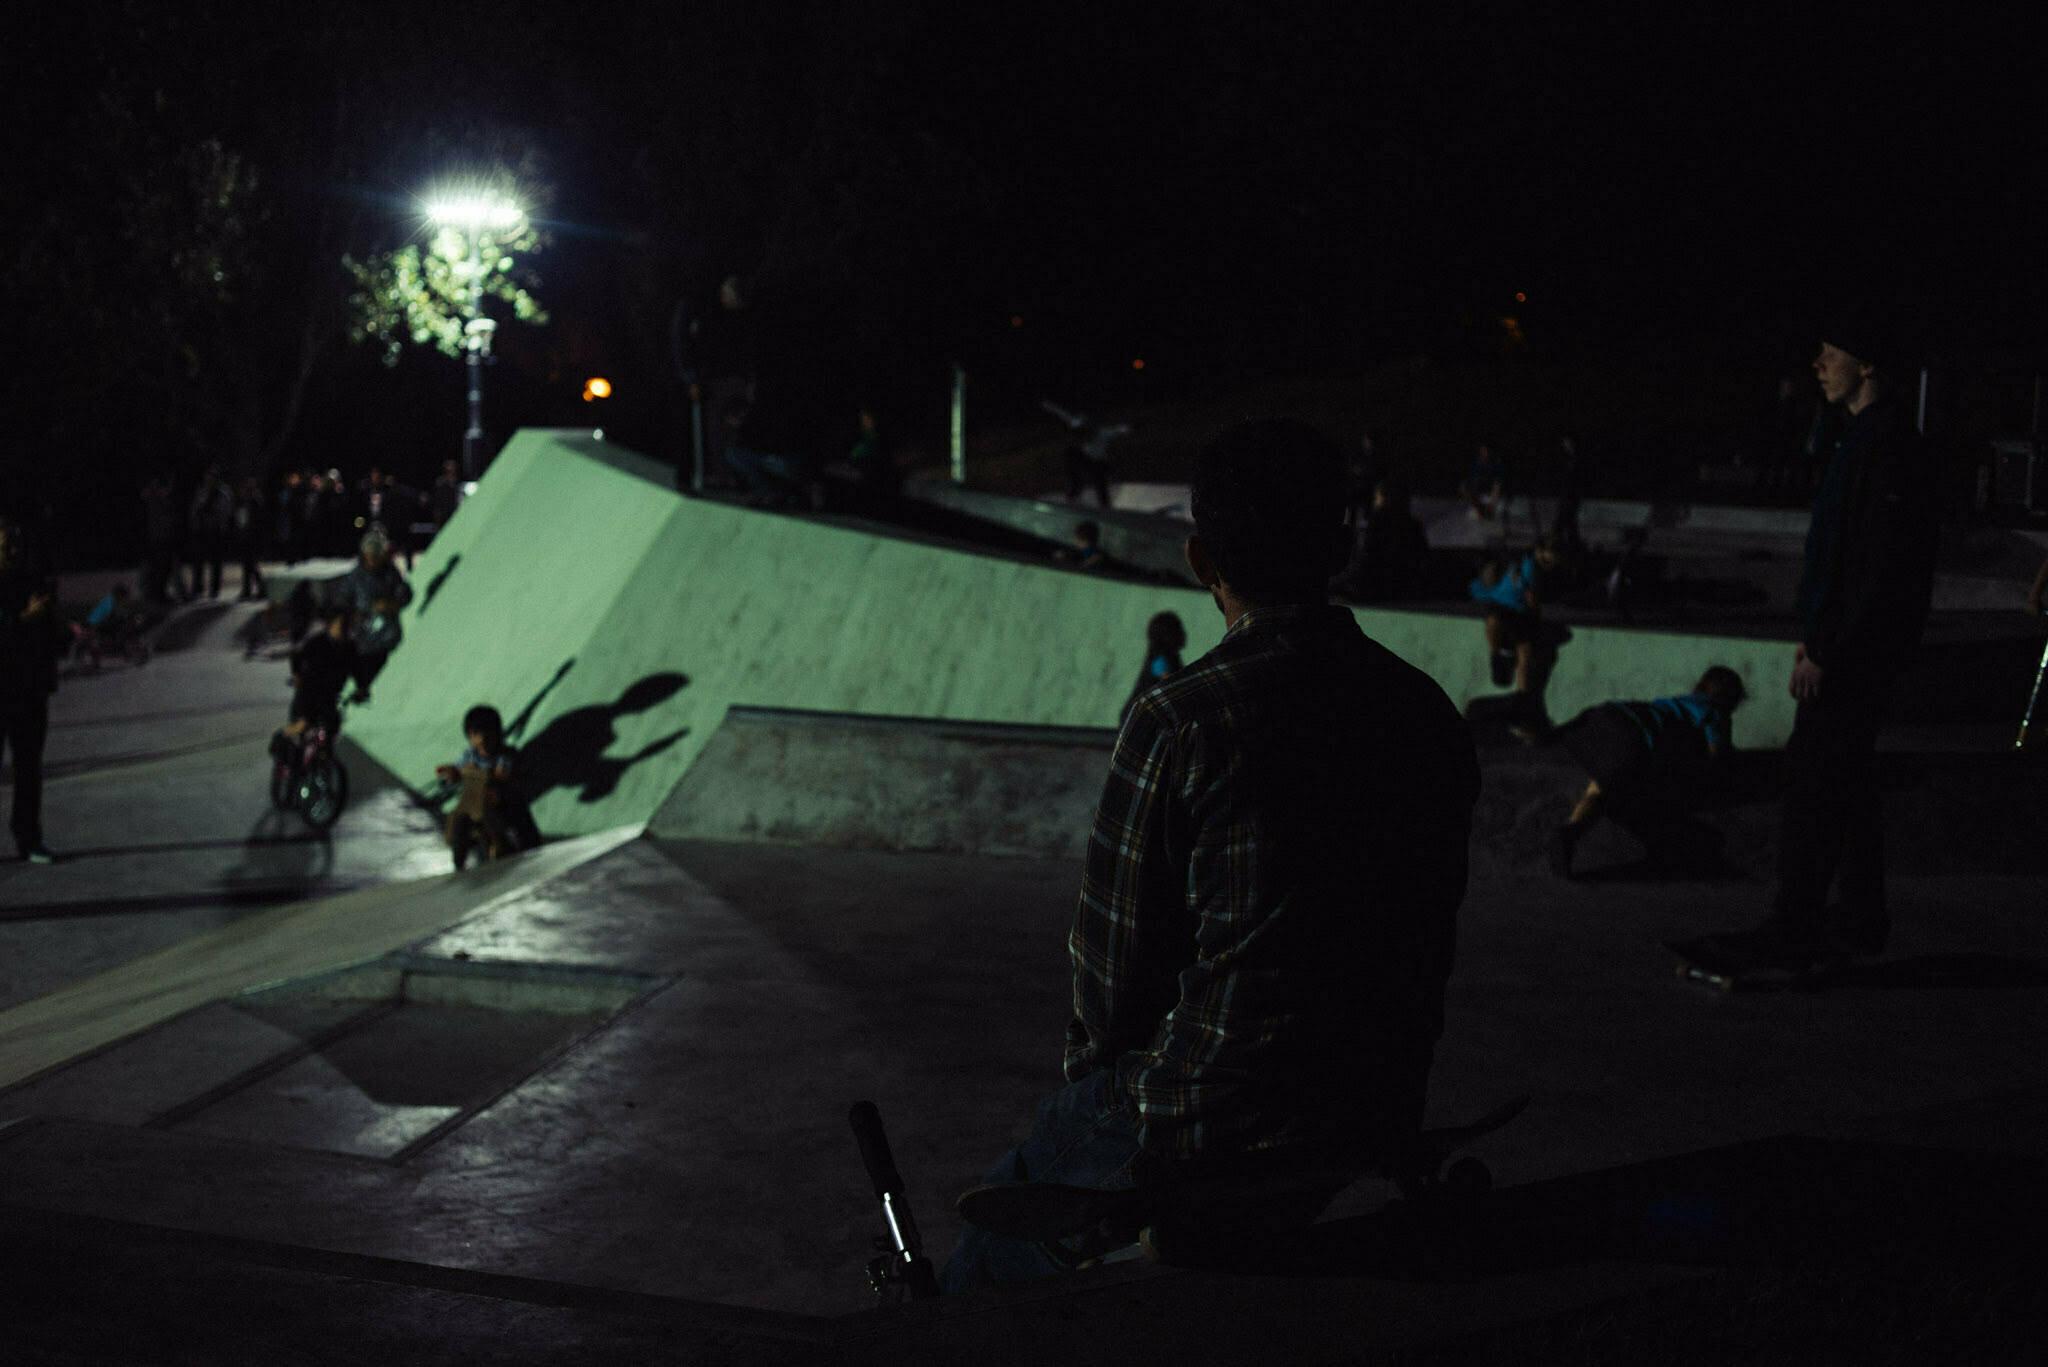 biennial-evertro-skatepark-6362-pete-carr